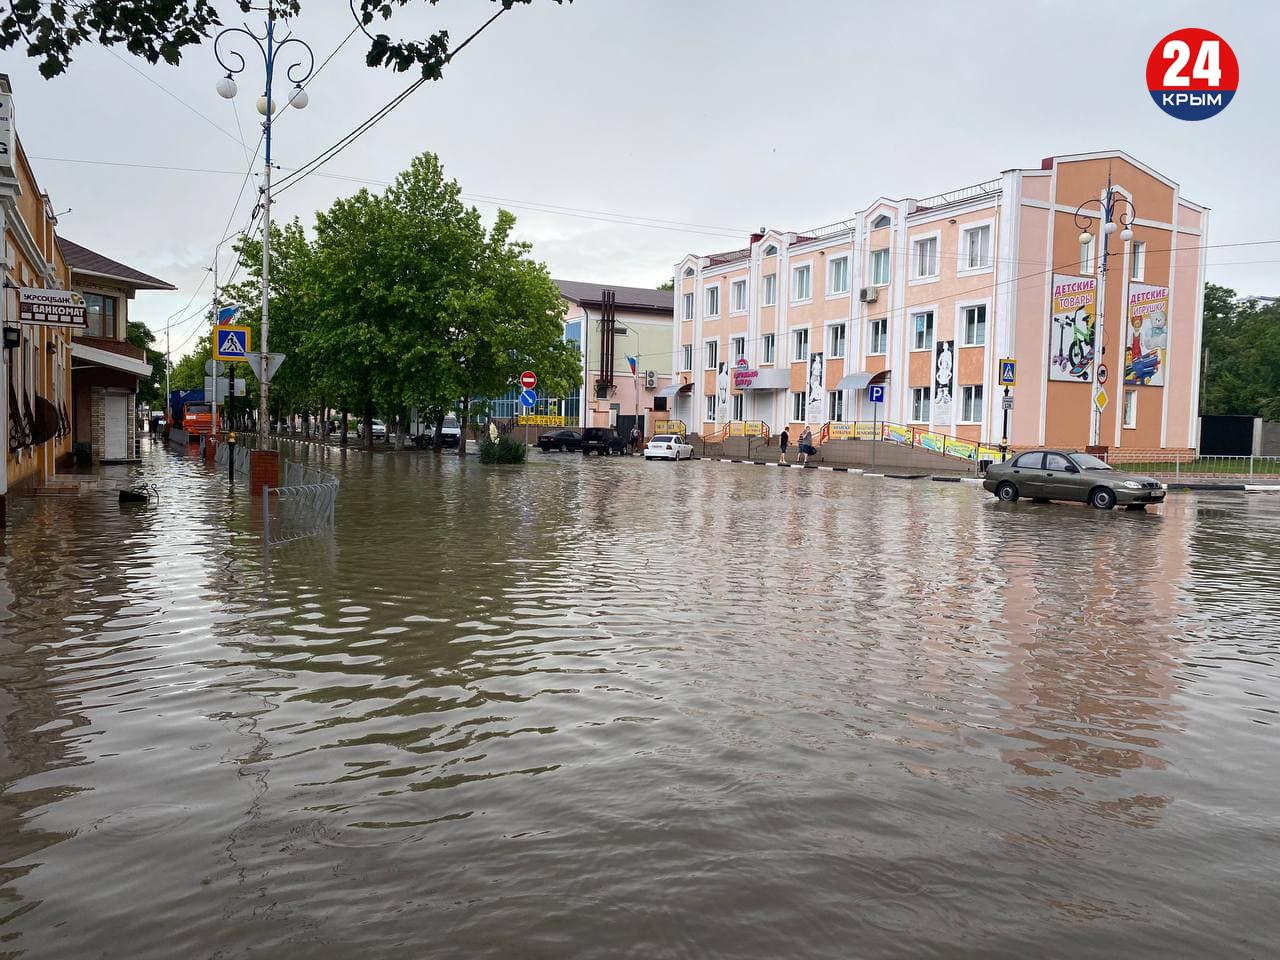 Затопленные дома, отсутствие электричества и газа. Что сейчас происходит в Керчи